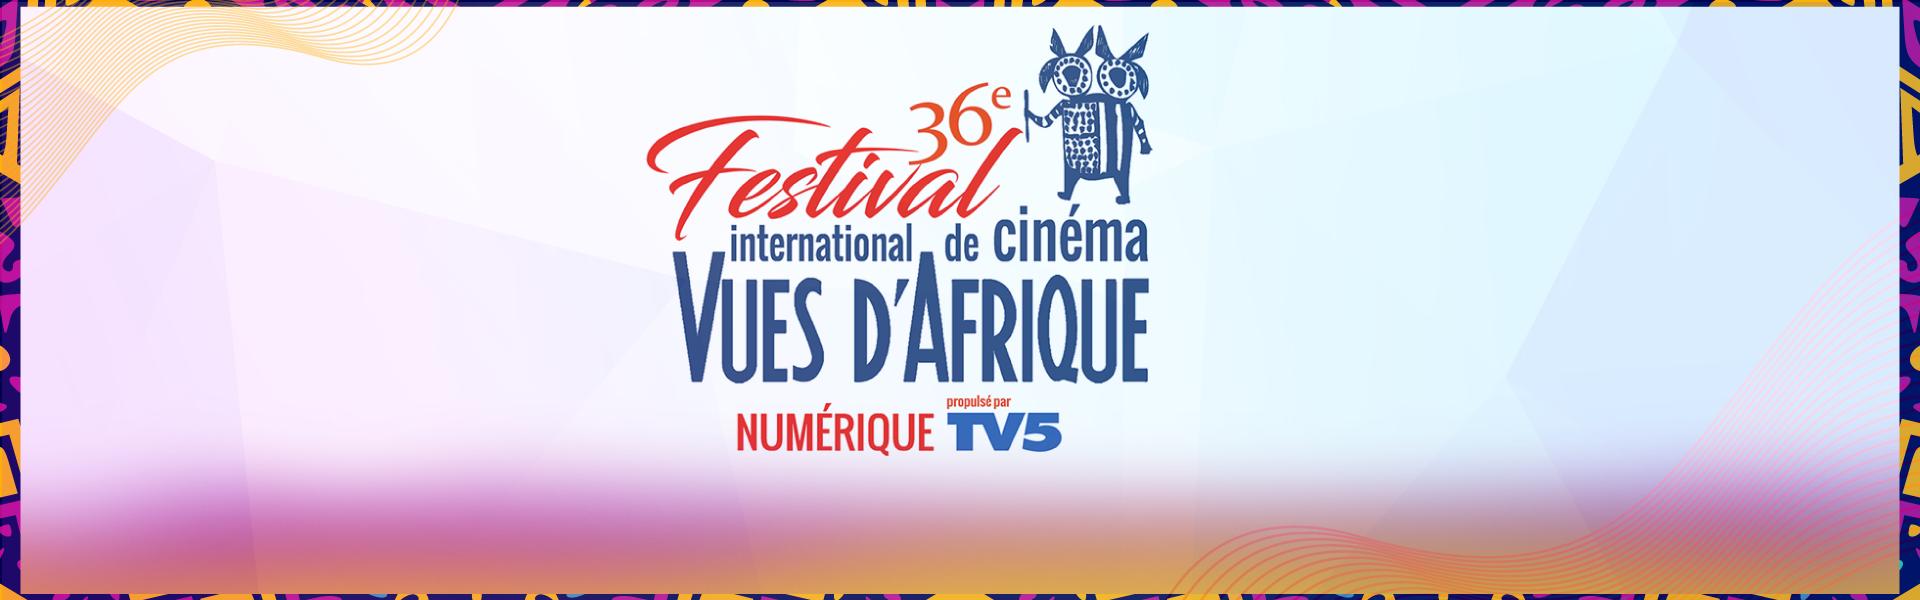 36ème édition du Festival International de Cinéma Vues d'Afrique : qui sont les lauréats ?